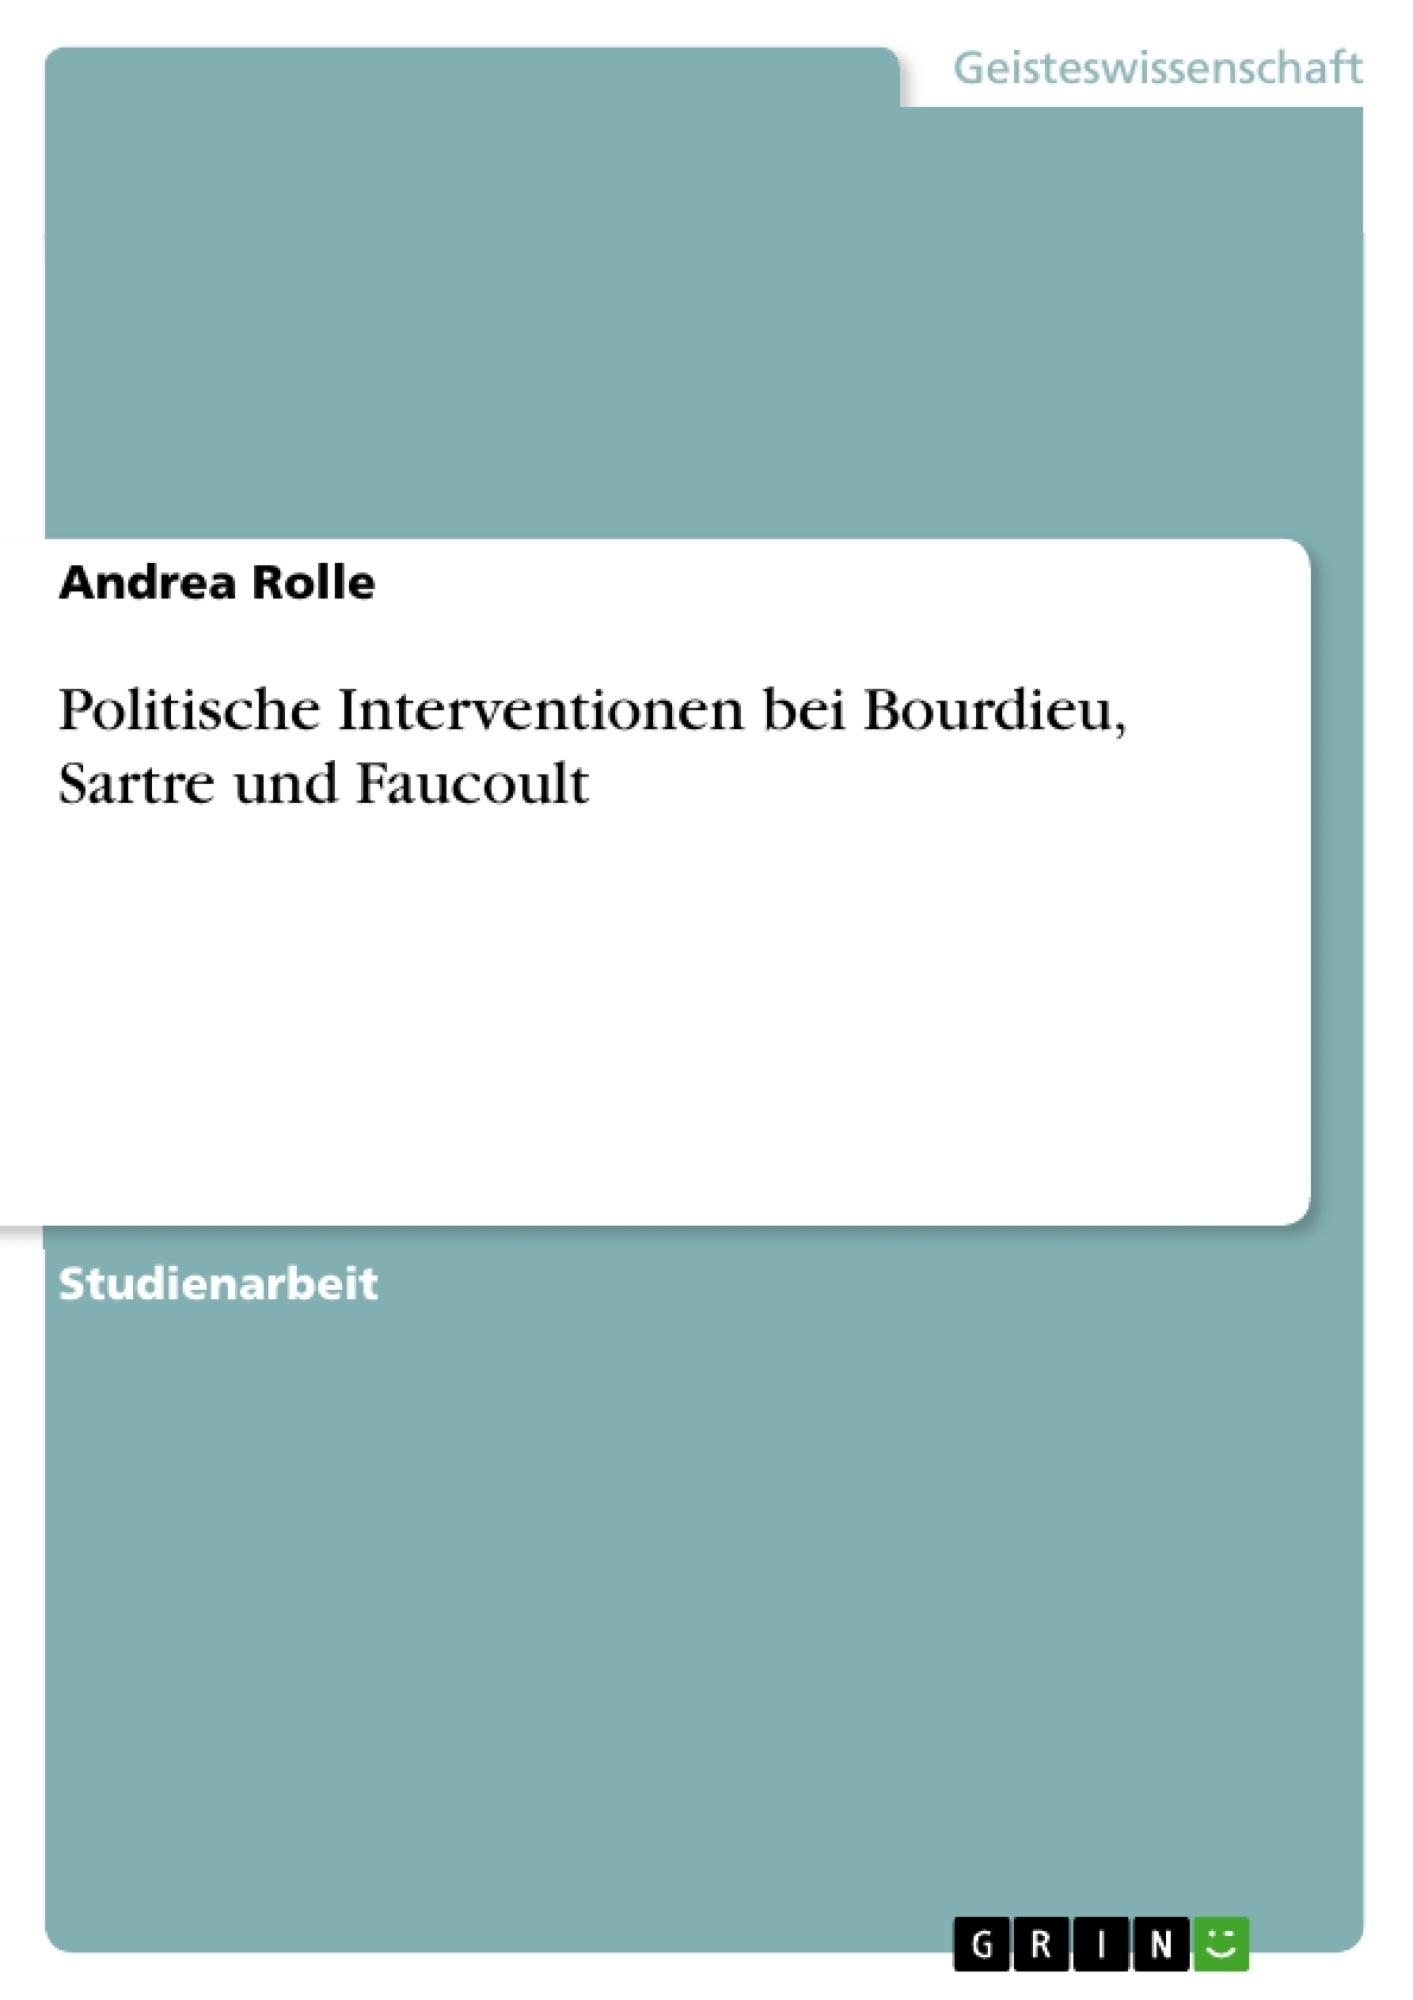 Titel: Politische Interventionen bei Bourdieu, Sartre und Faucoult